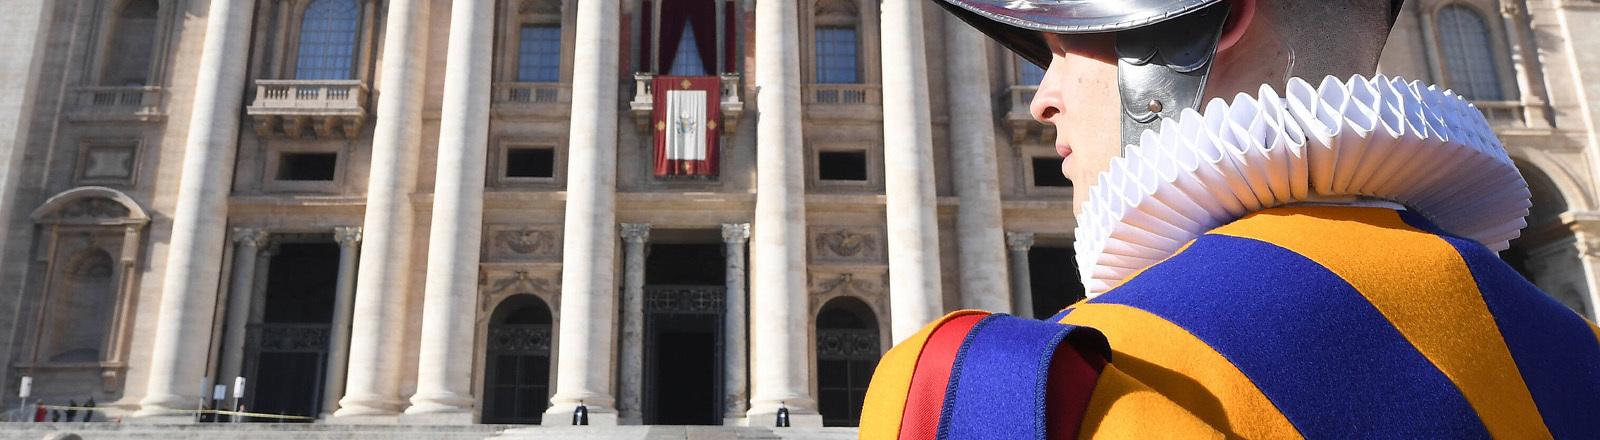 Der Haupteingang des Vatikans mit der päpstlichen Schweizer Garde